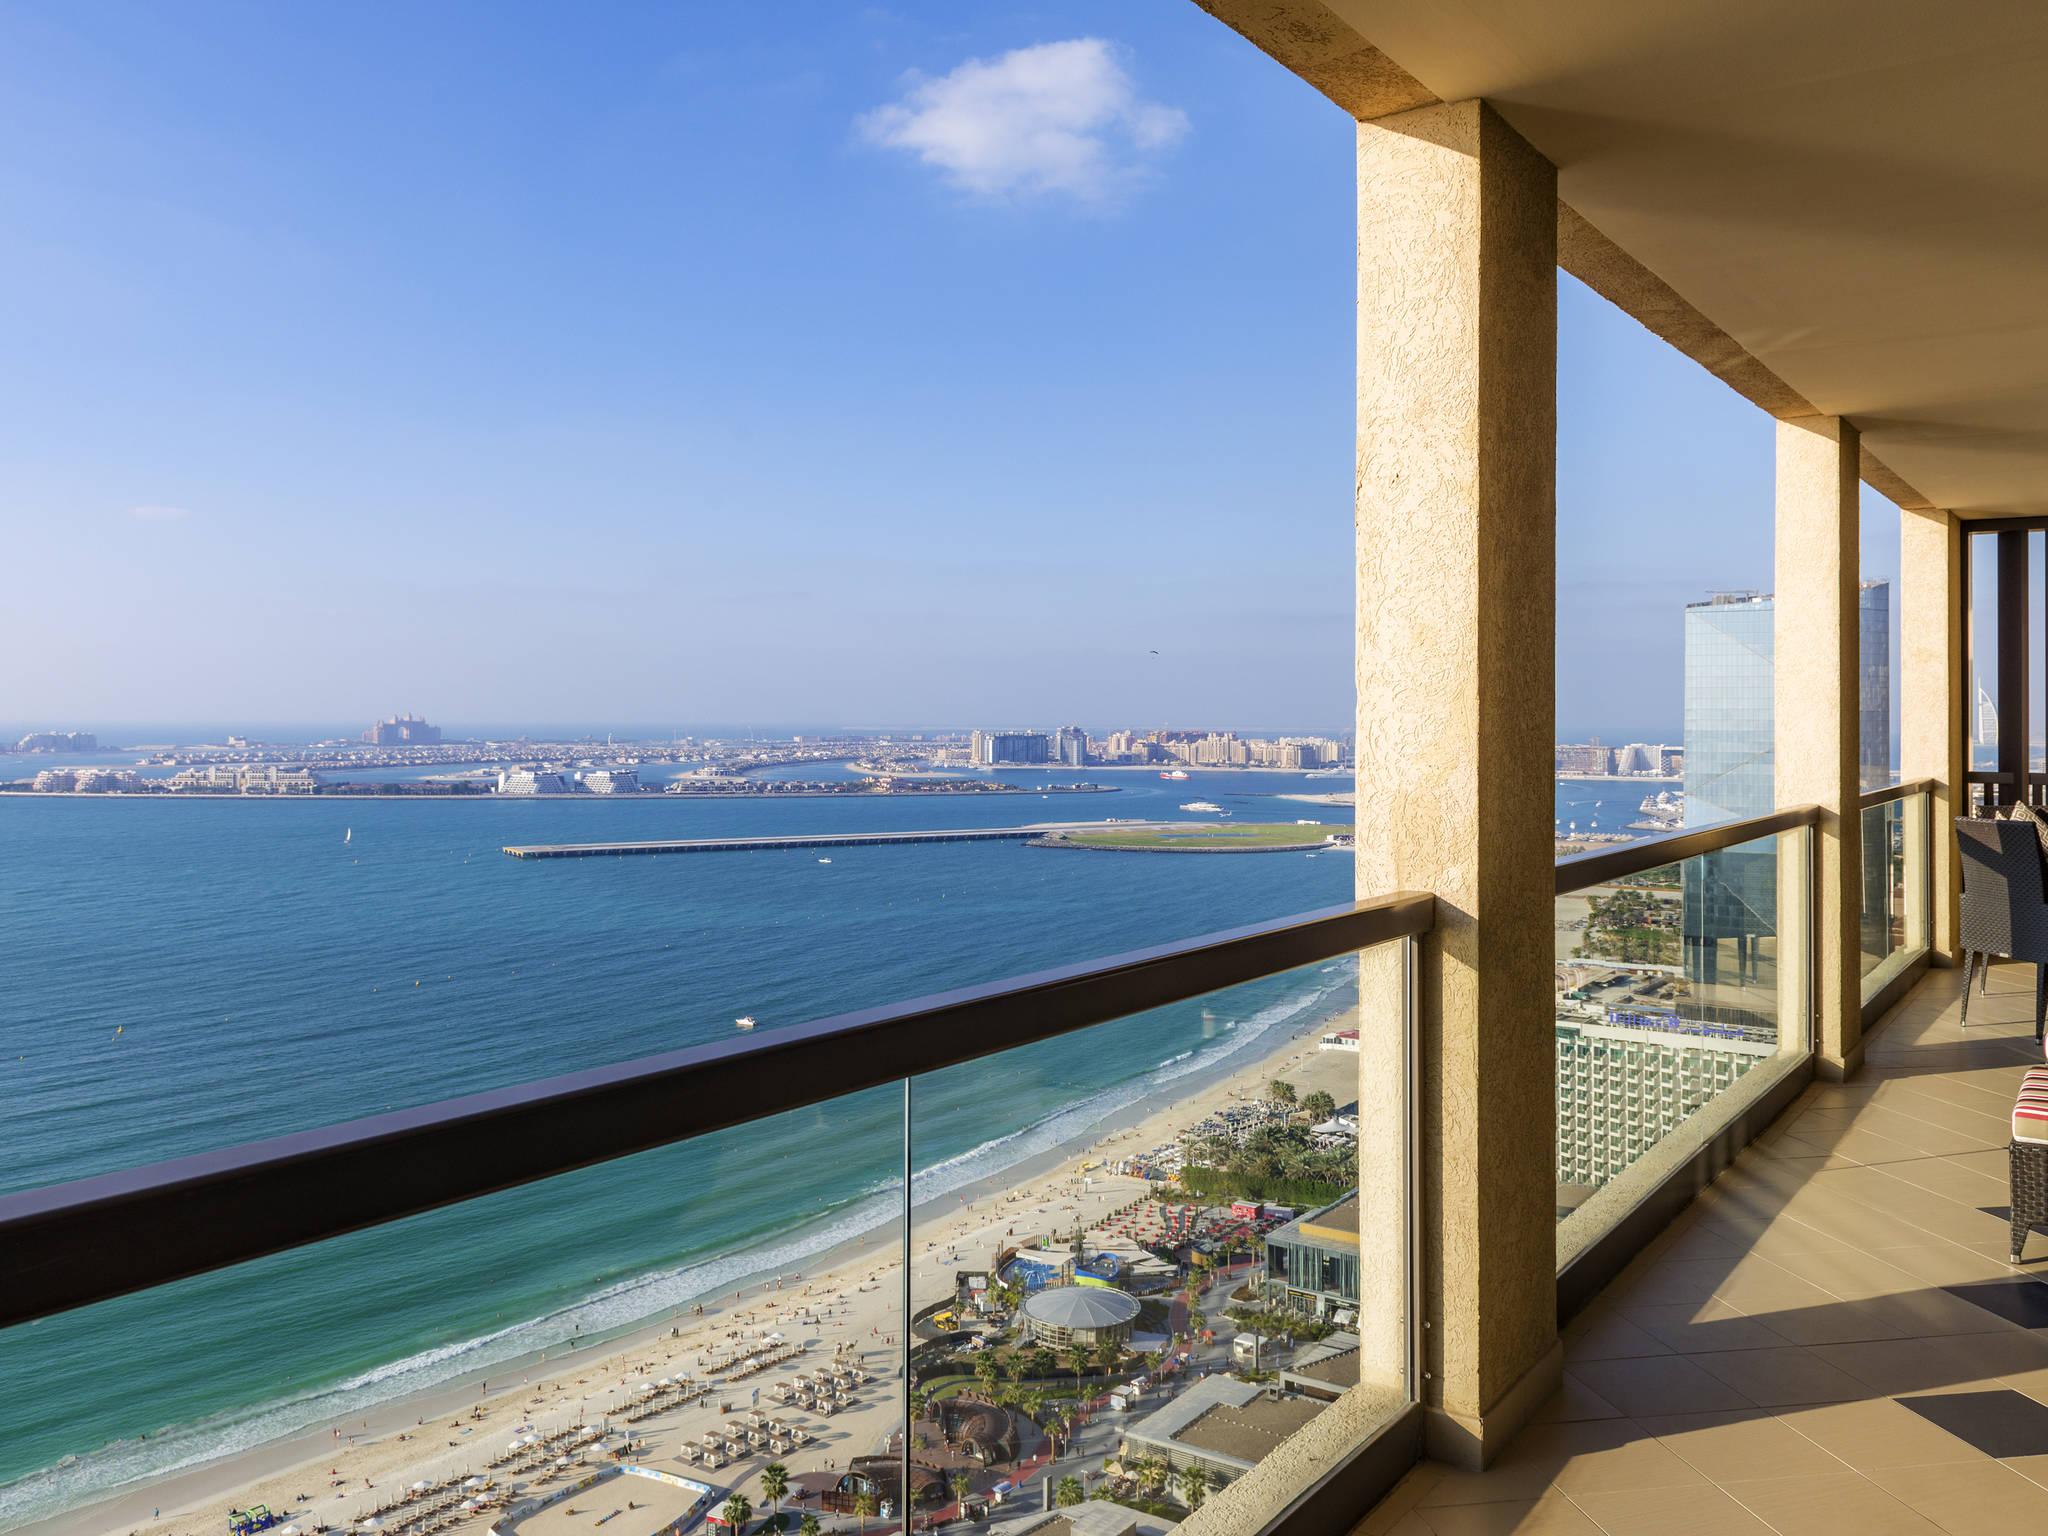 ОАЭ. Скидки до 30% в отеле Sofitel Dubai Jumeirah 5*